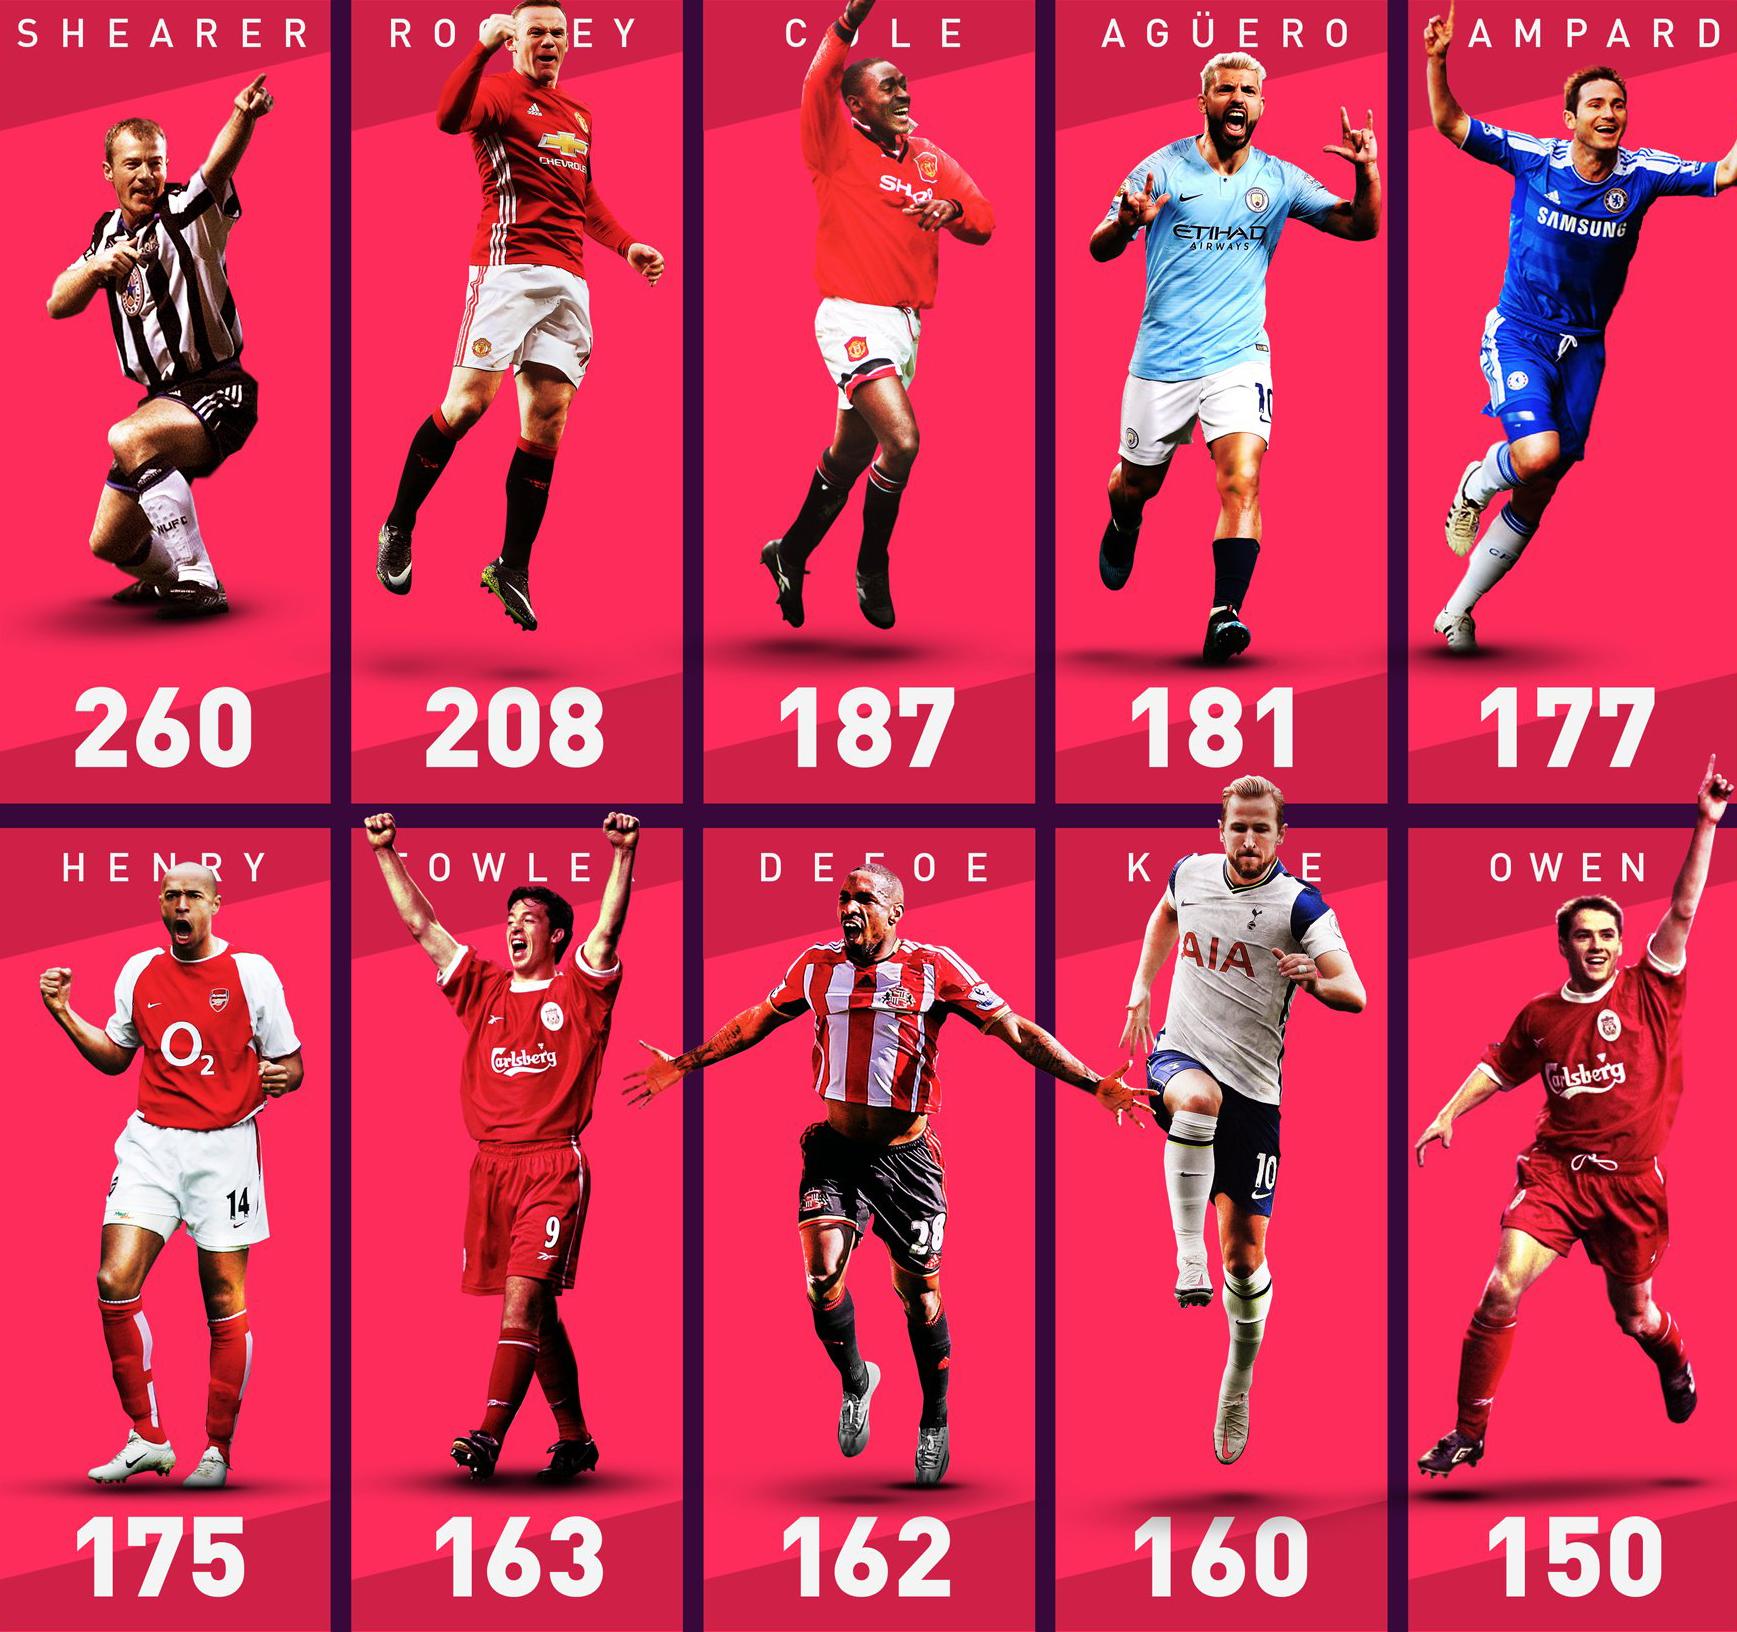 Aguero đứng thứ tư trong danh sách các tiền đạo ghi bàn tốt nhất lịch sử Ngoại hạng Anh.